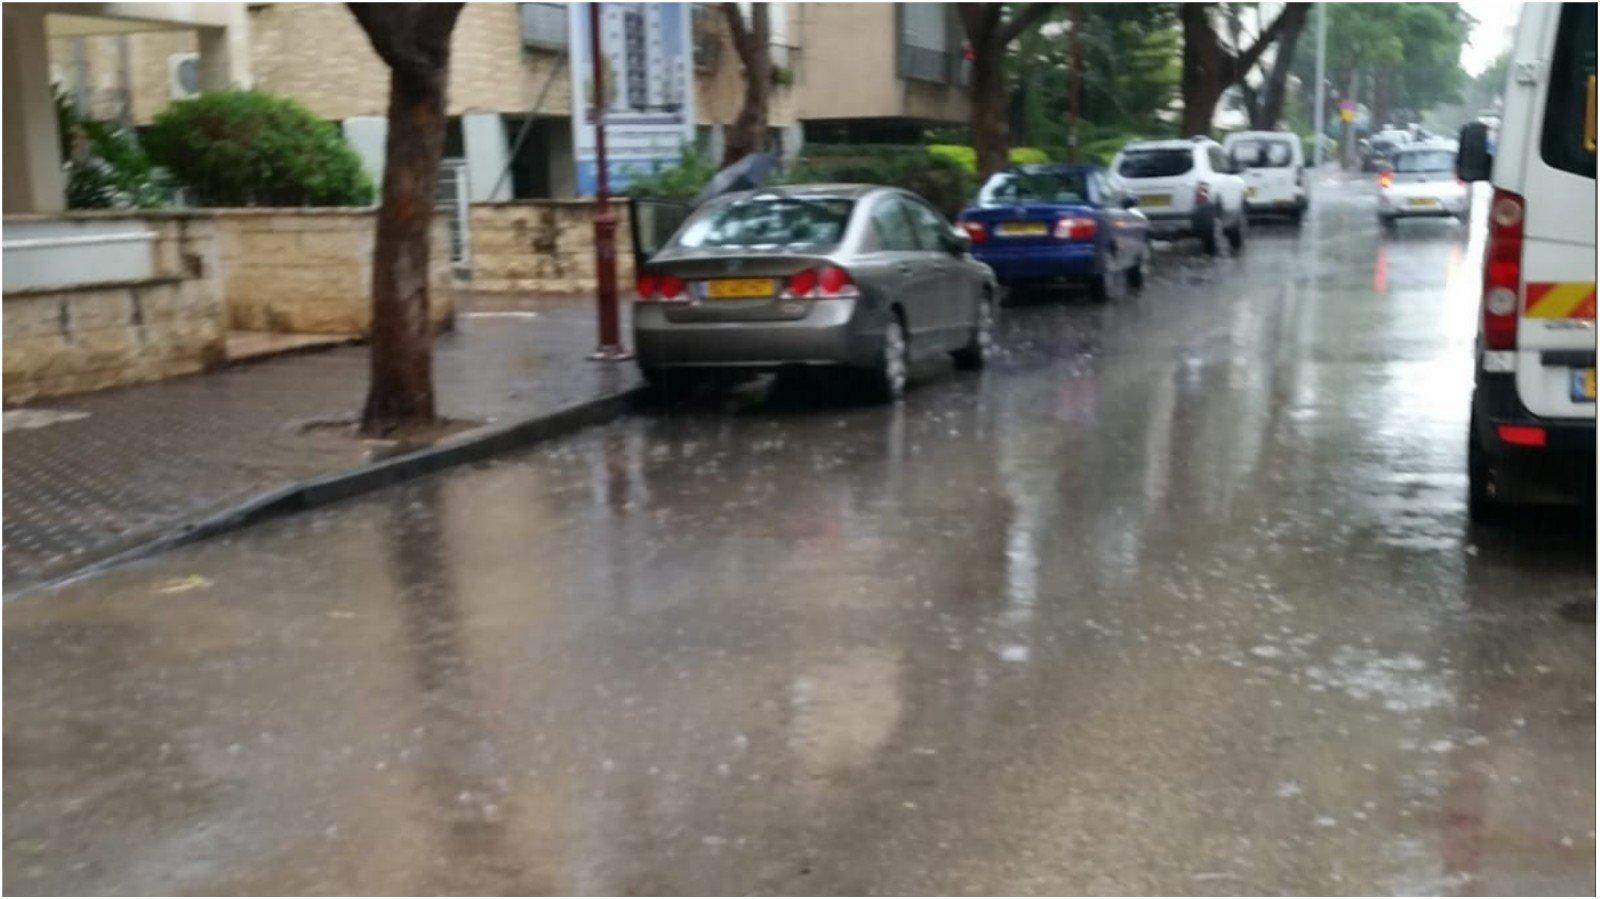 גשם בפתח תקוה, רחוב גד מכנס. צילום זאב שטרן